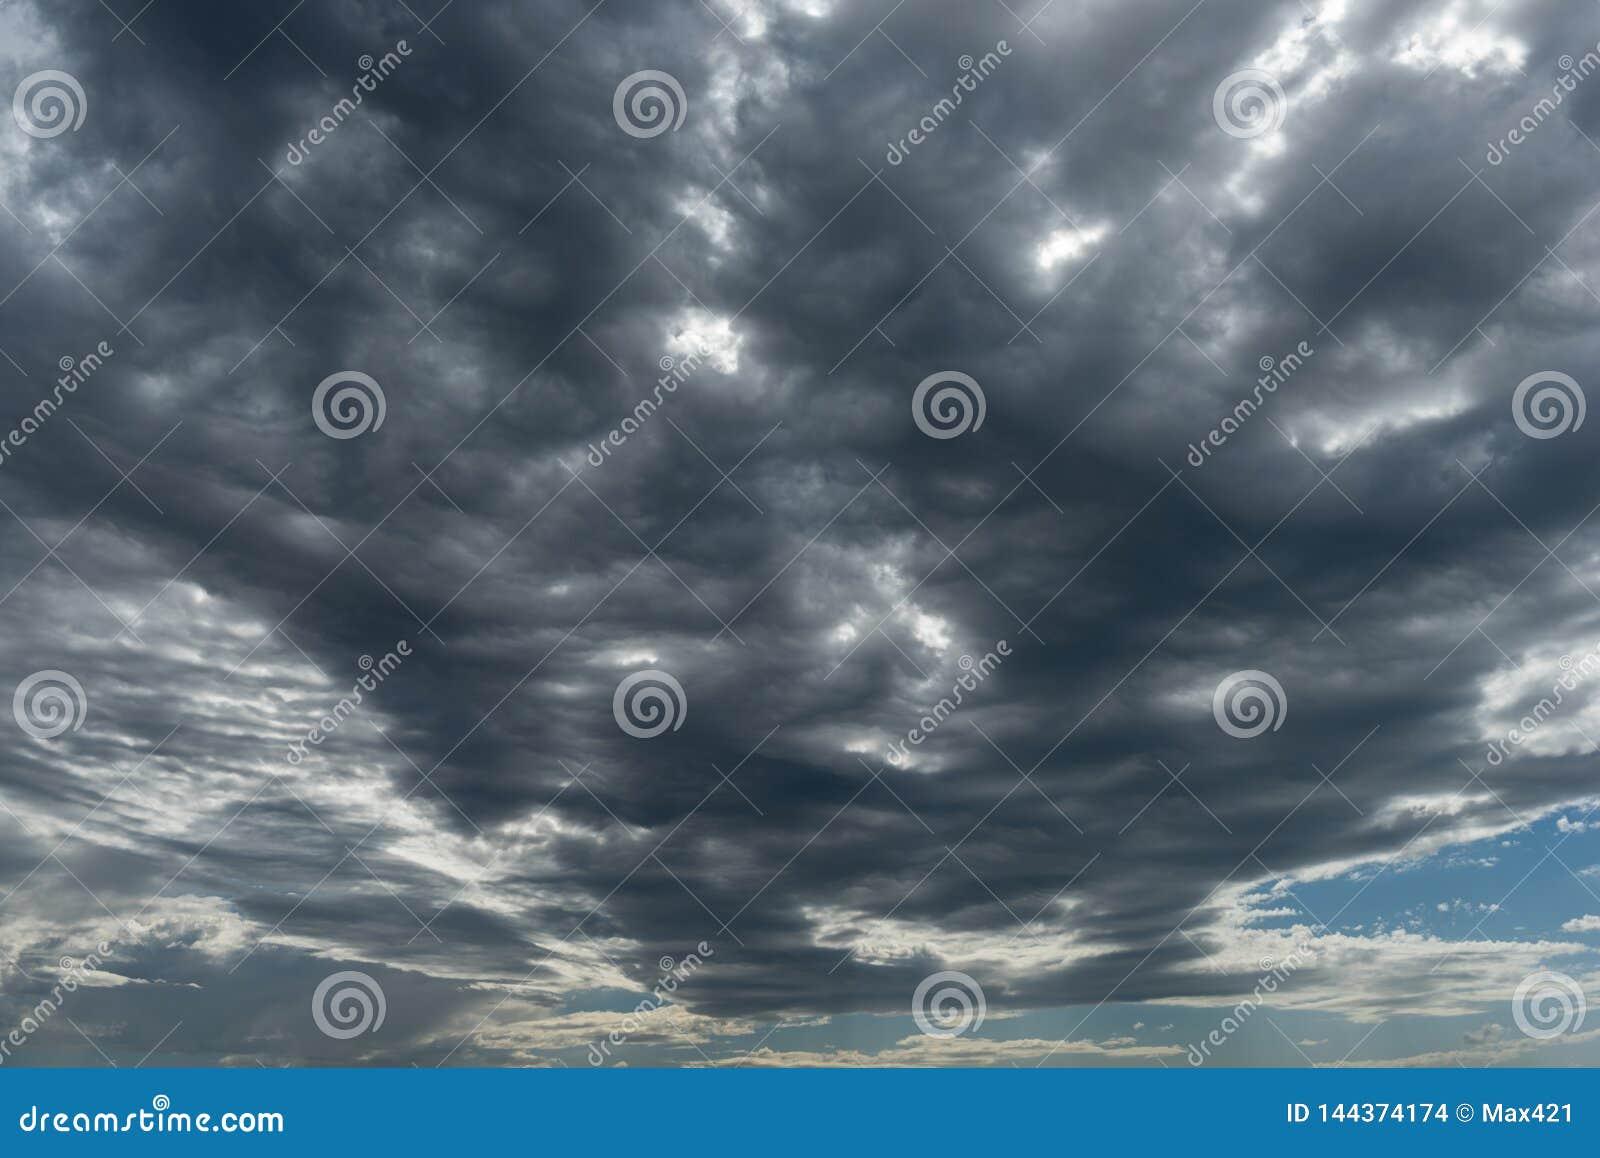 Onweerswolken in perspectiefmening met horizon